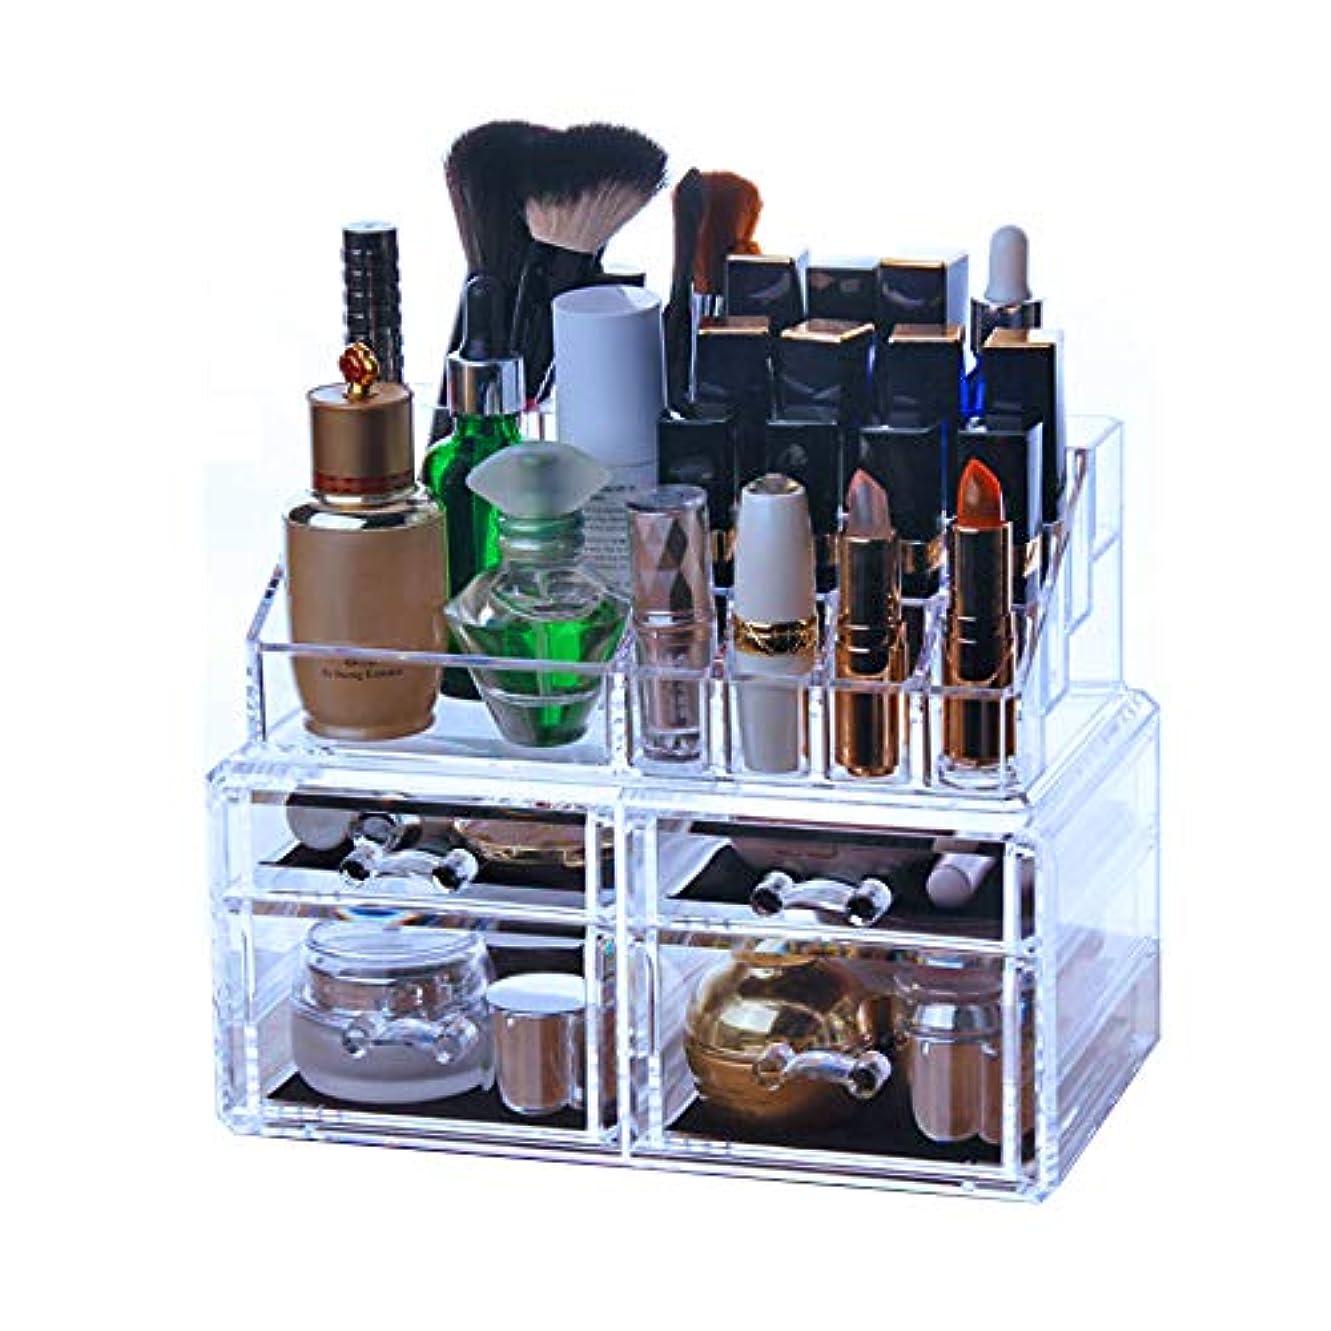 策定するマイク定規コスメ収納 化粧品収納ボックス メイクボックス 卓上収納 化粧品 収納 メイクケース スタンド 引き出し小物/化粧品入れ レディース大容量 高透明度 引き出し アクセサリー/化粧品入れ レディース化粧品入れ